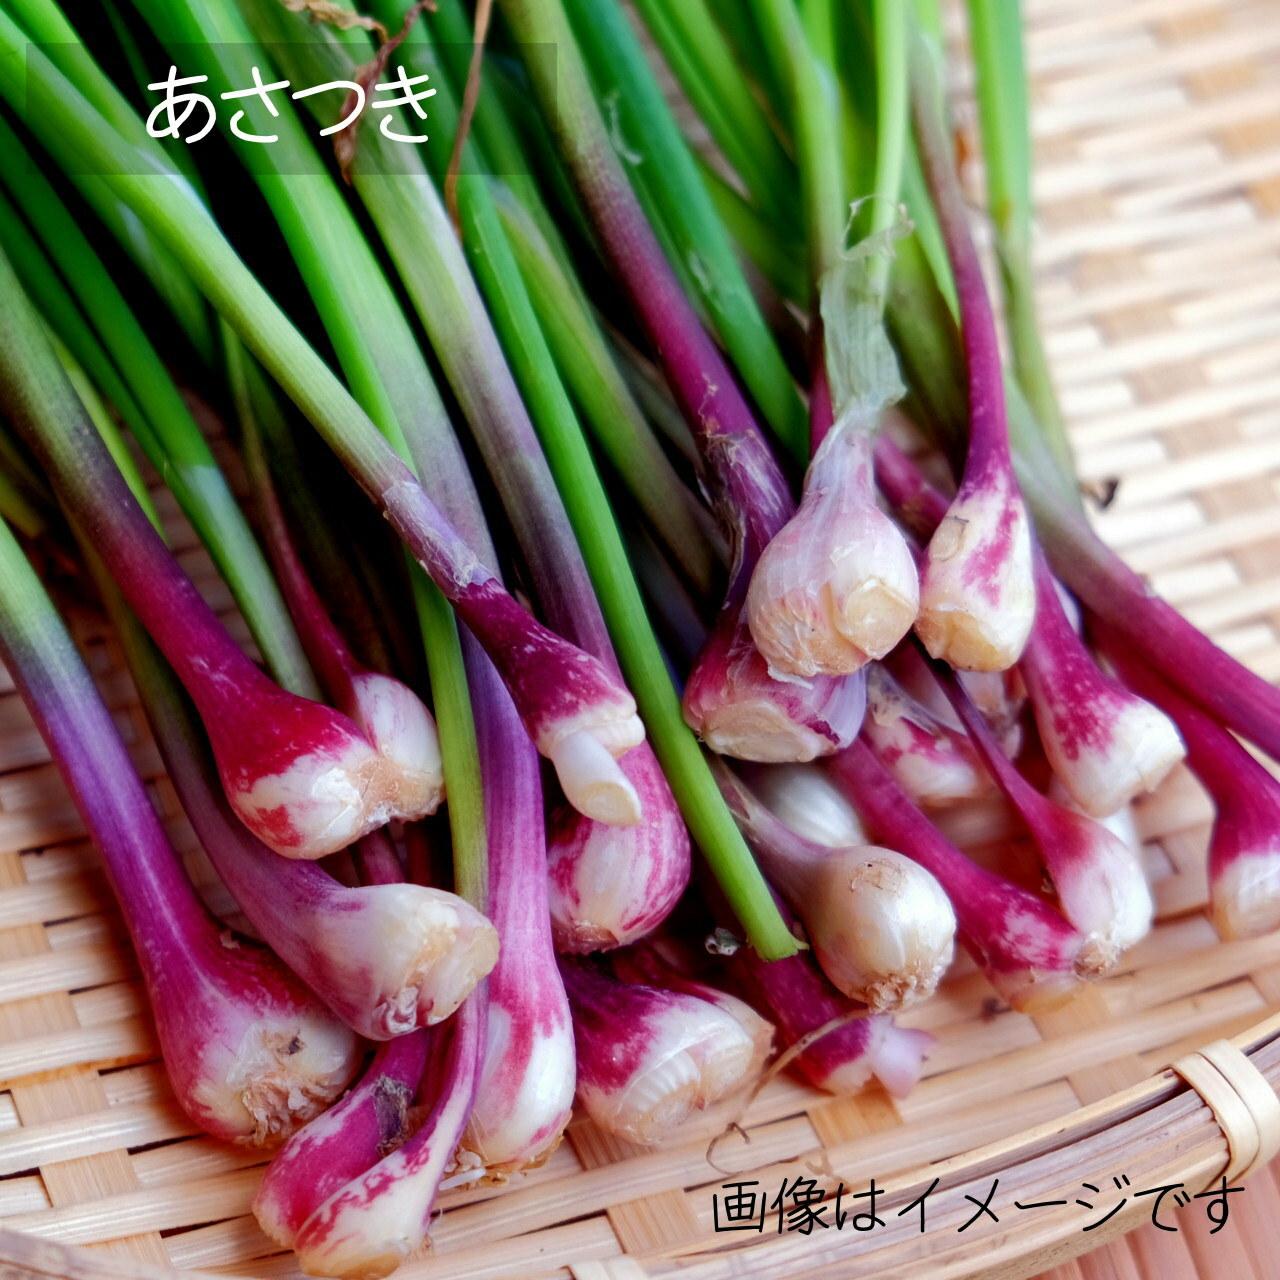 あさつき 5月の朝採り直売野菜 春の新鮮野菜 5月16日発送予定